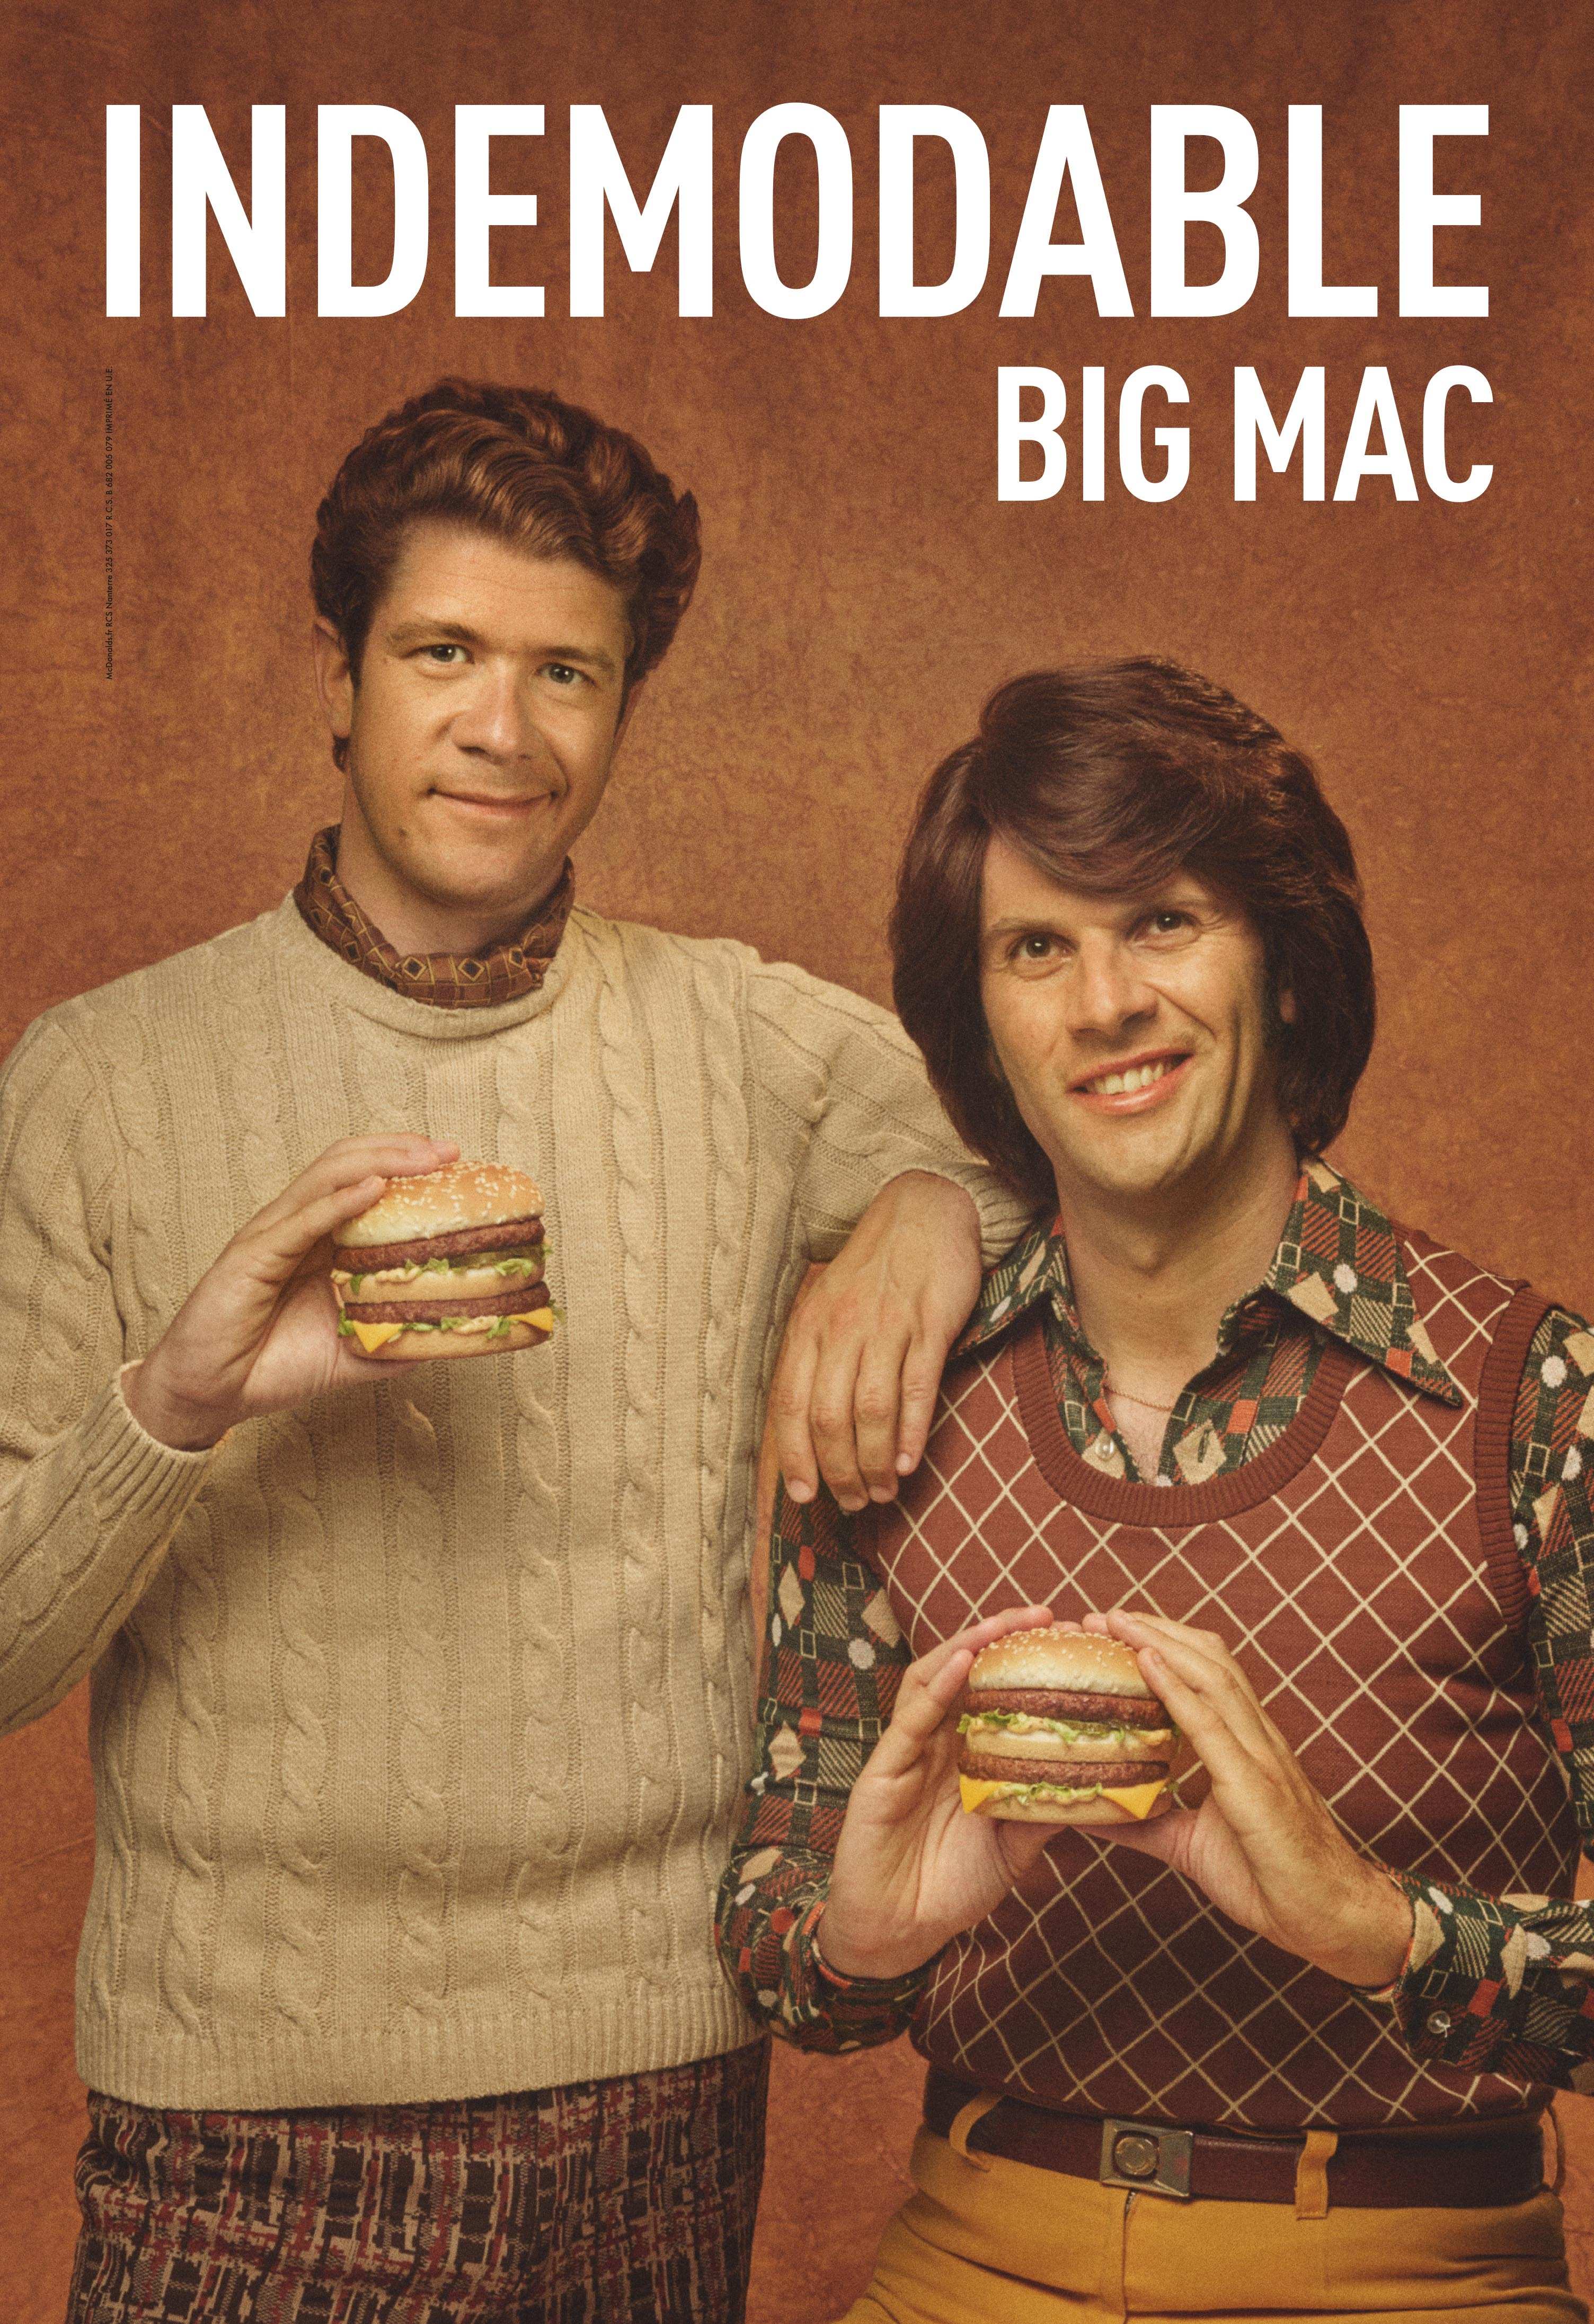 mcdonalds-big-mac-publicite-marketing-indemodable-70s-80s-print-affichage-tbwa-paris